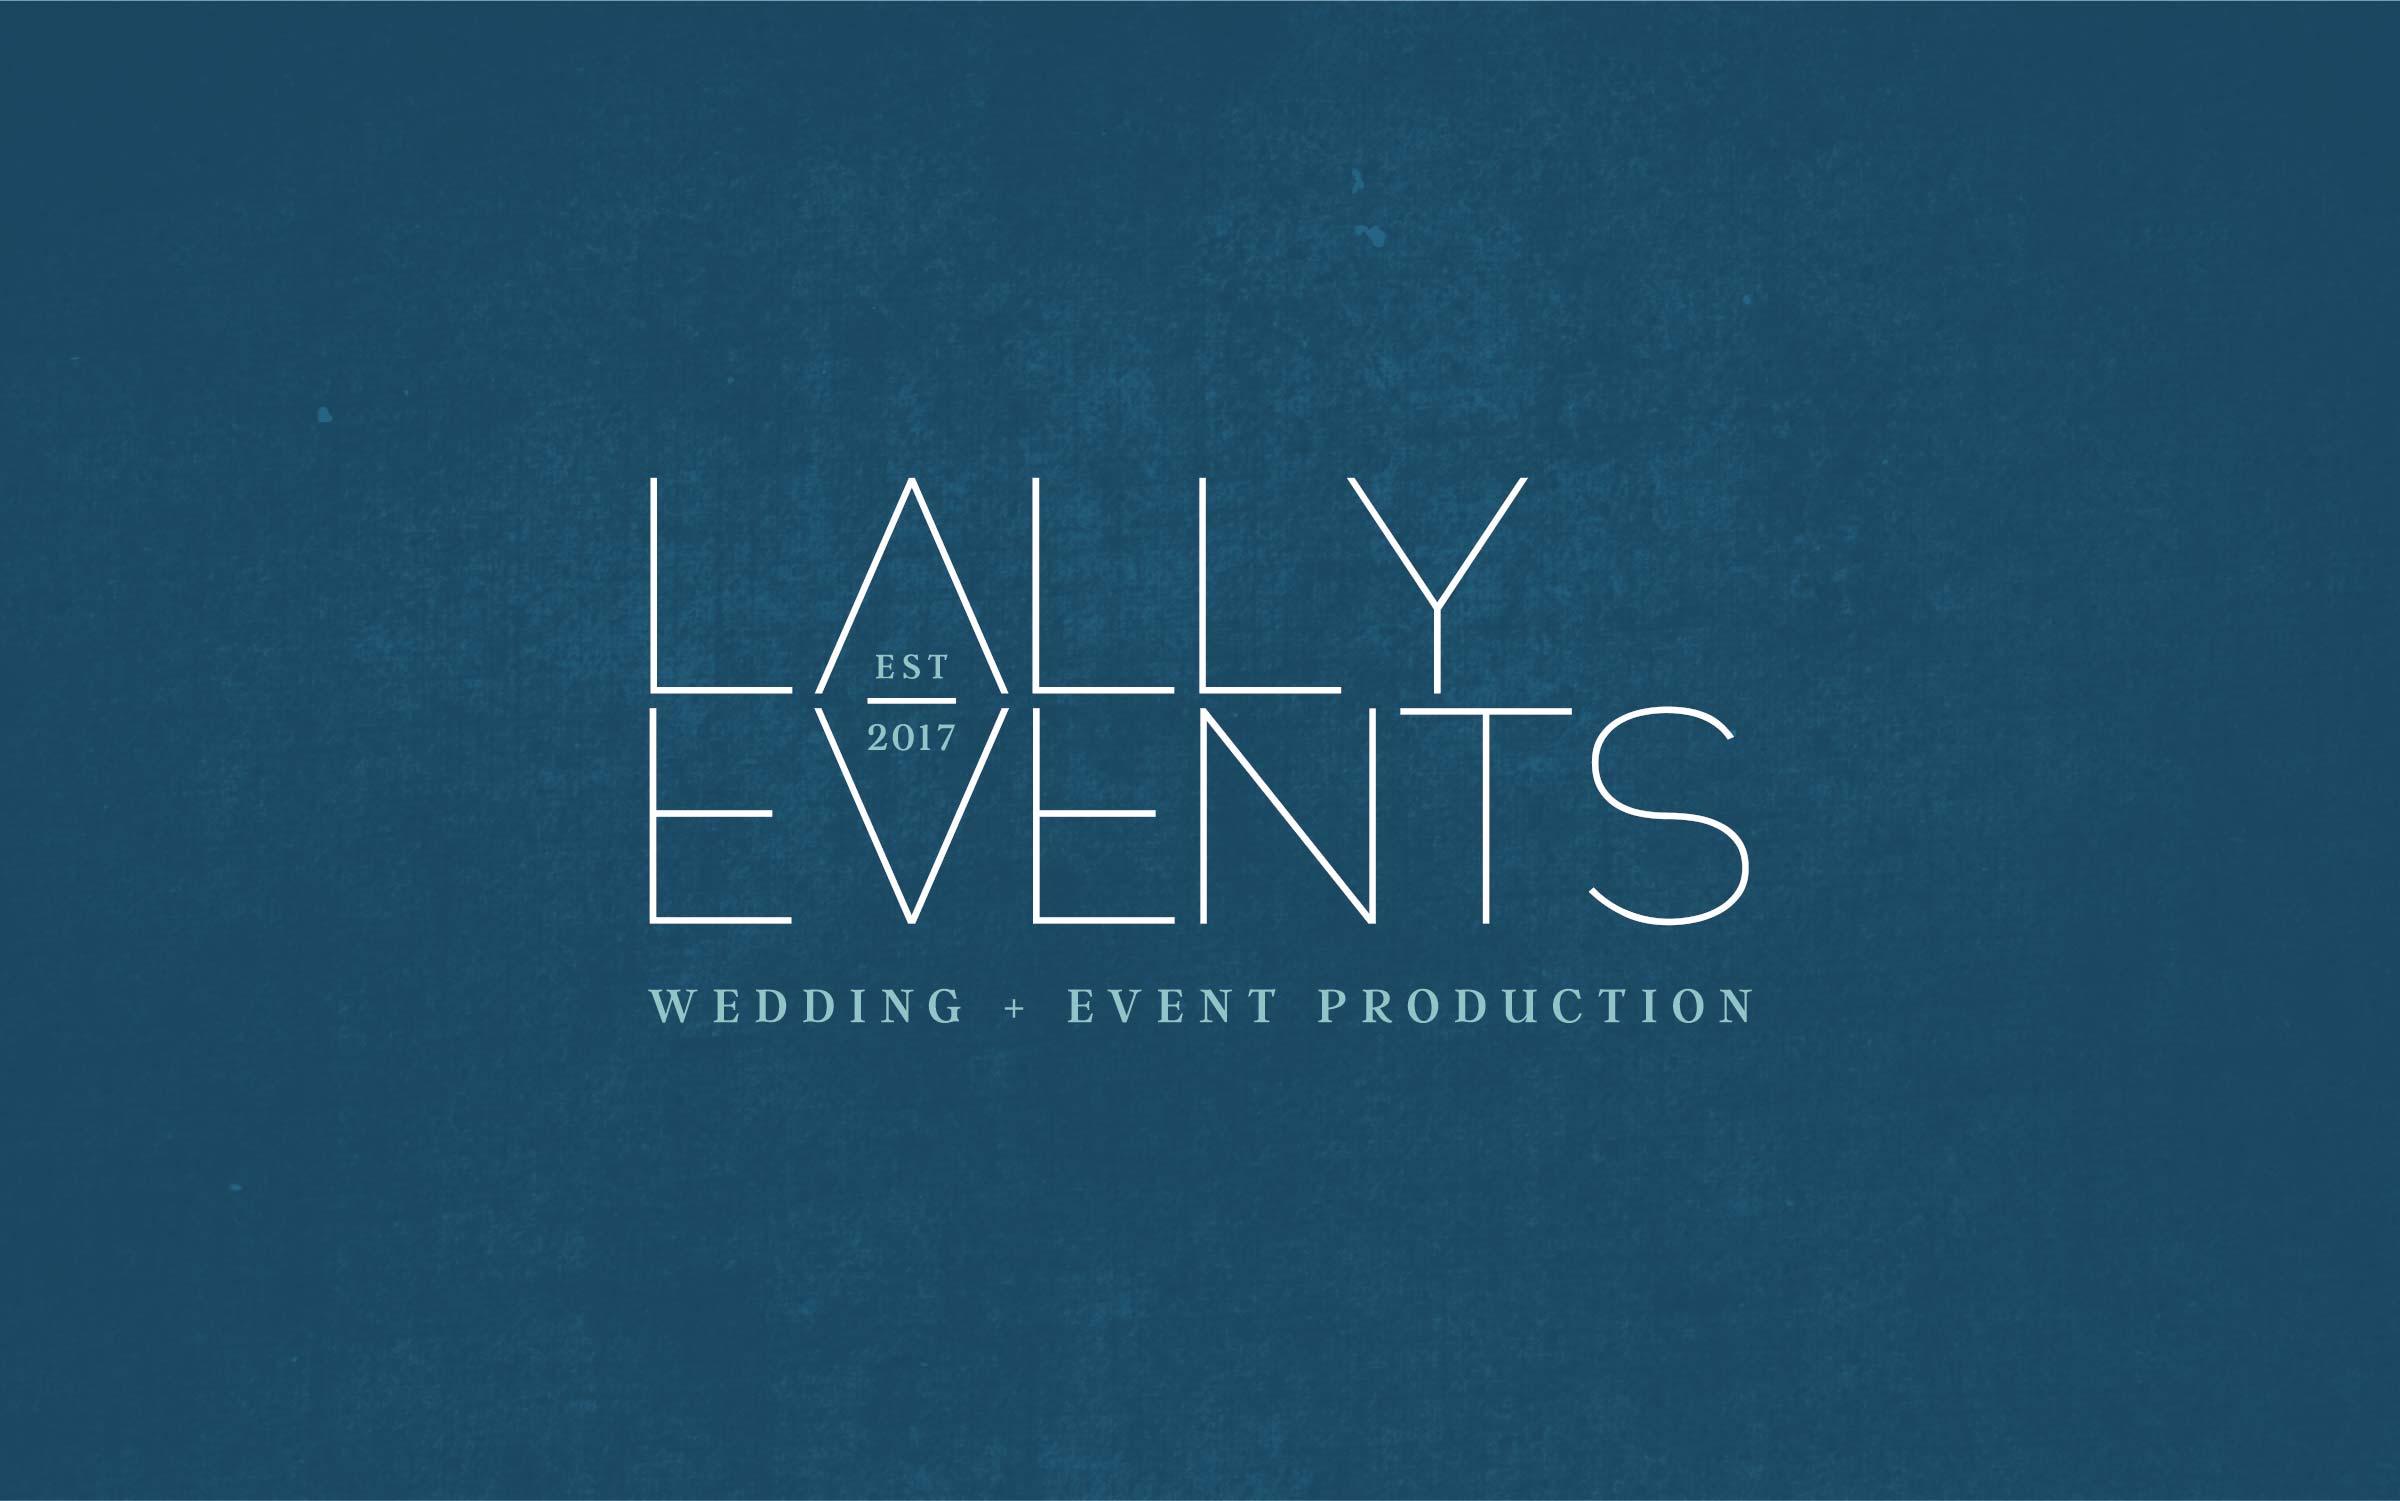 LallyEvents-Portfolio-2019-01.jpg